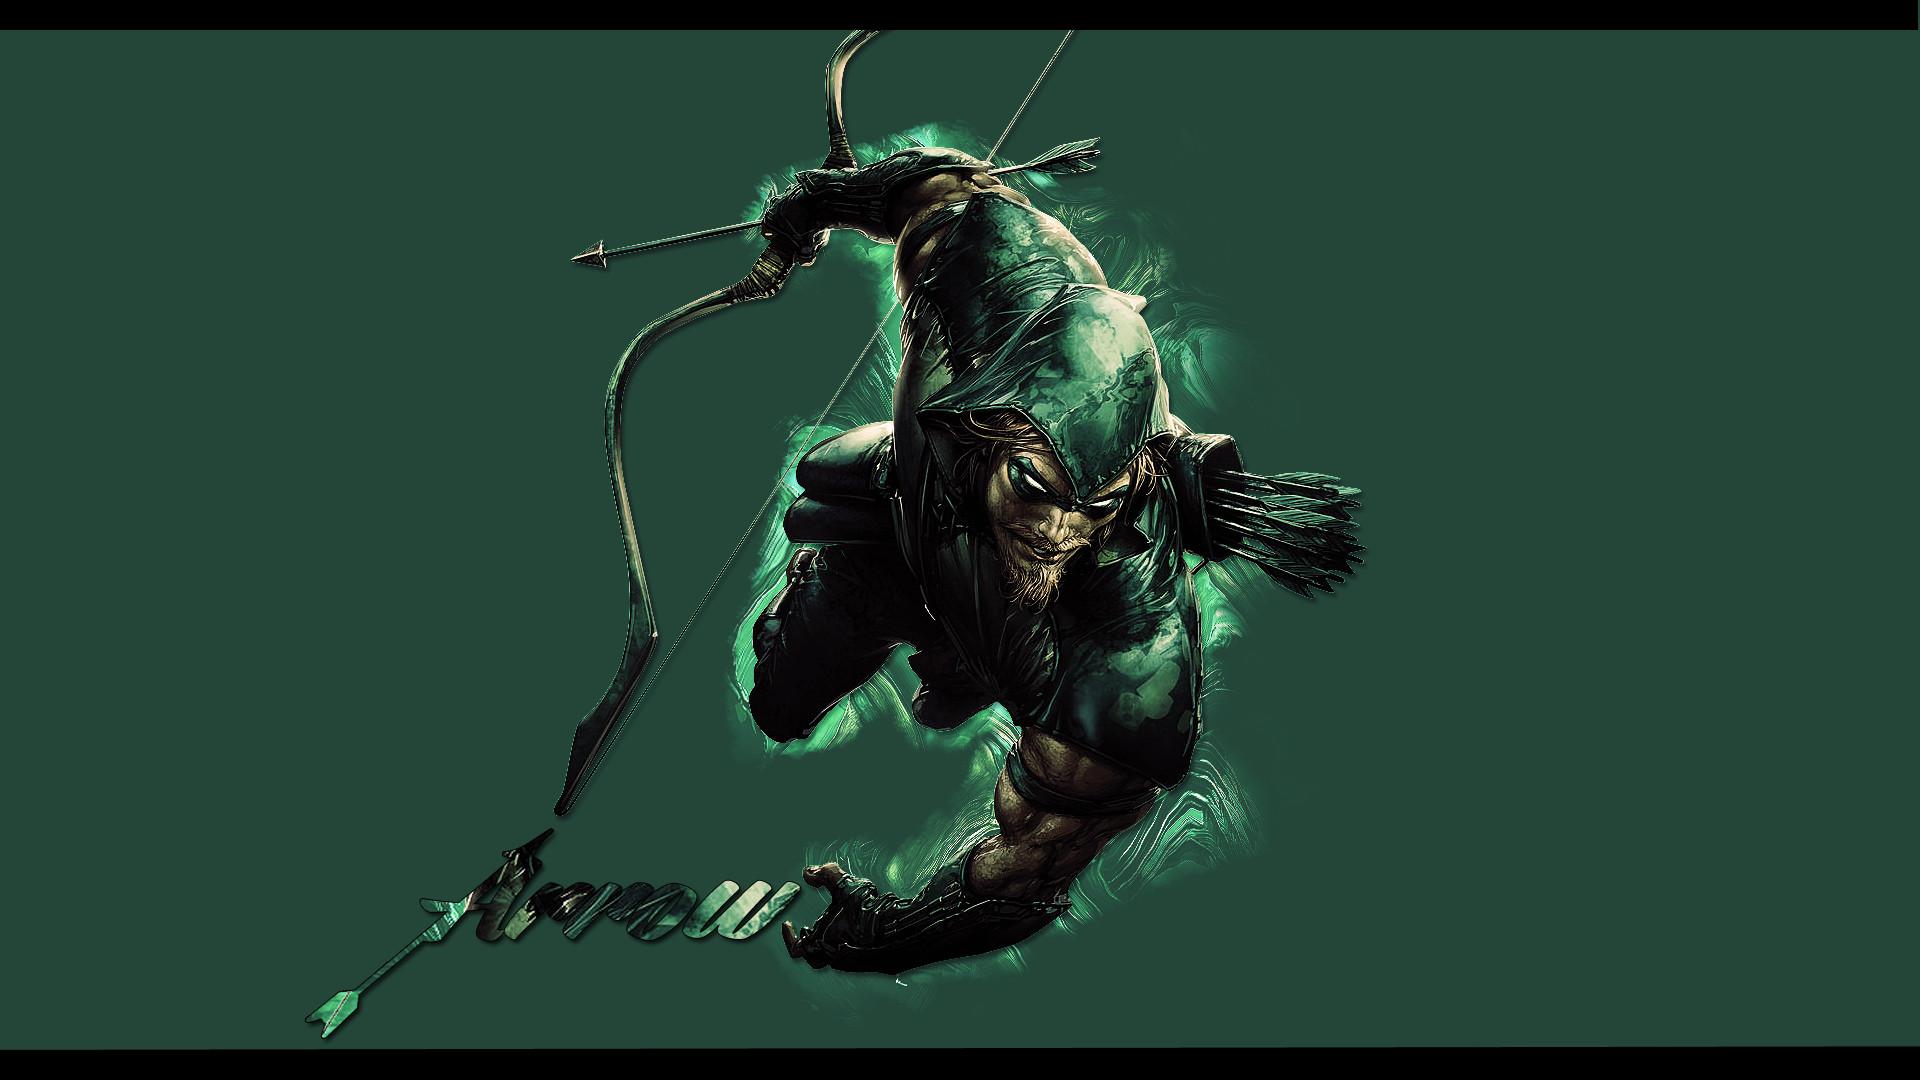 Green Arrow/Arrow Wallpaper HD By Tooyp